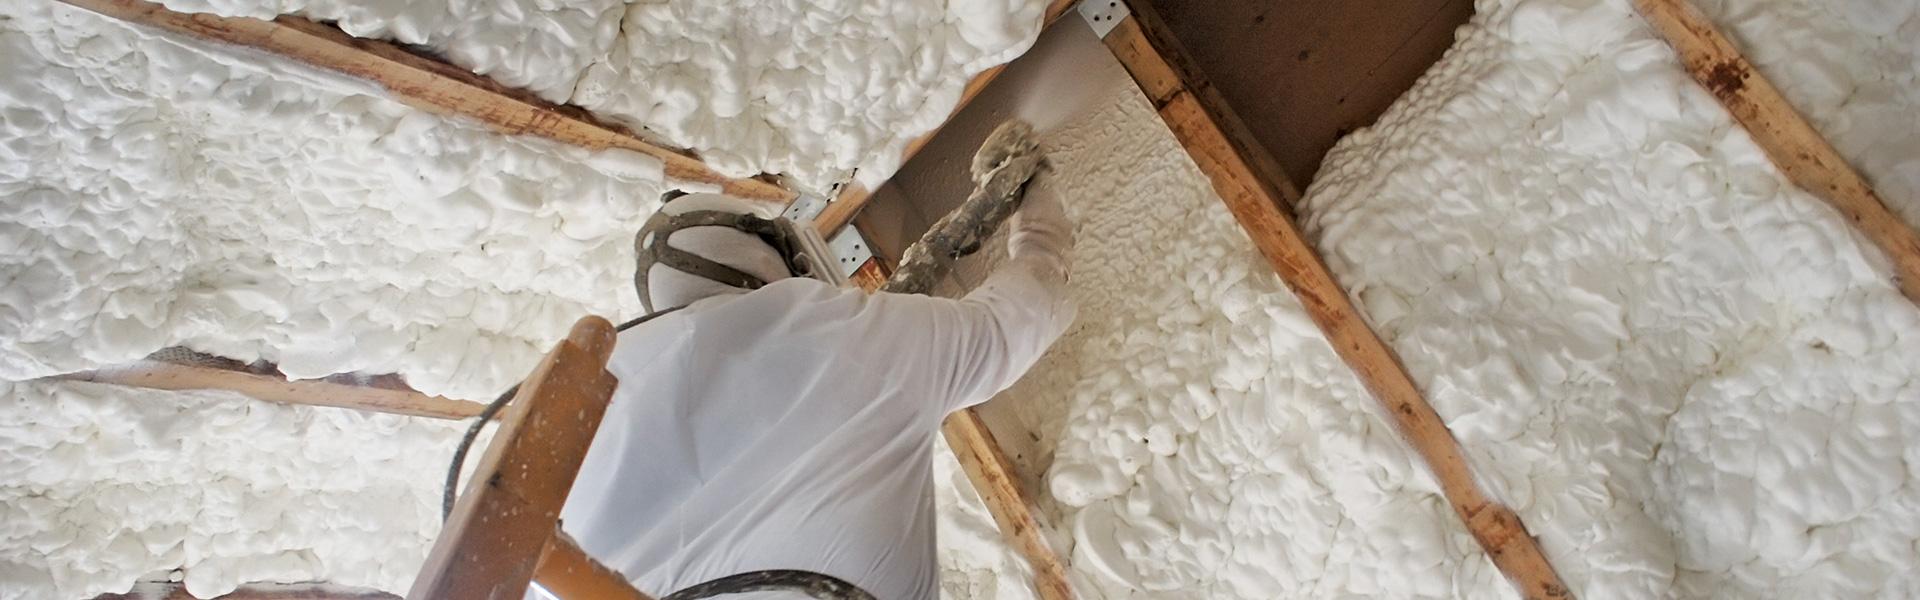 Внешнее и внутреннее утепление стен пенополиуретаном: виды ппу утеплителя и технология его нанесения